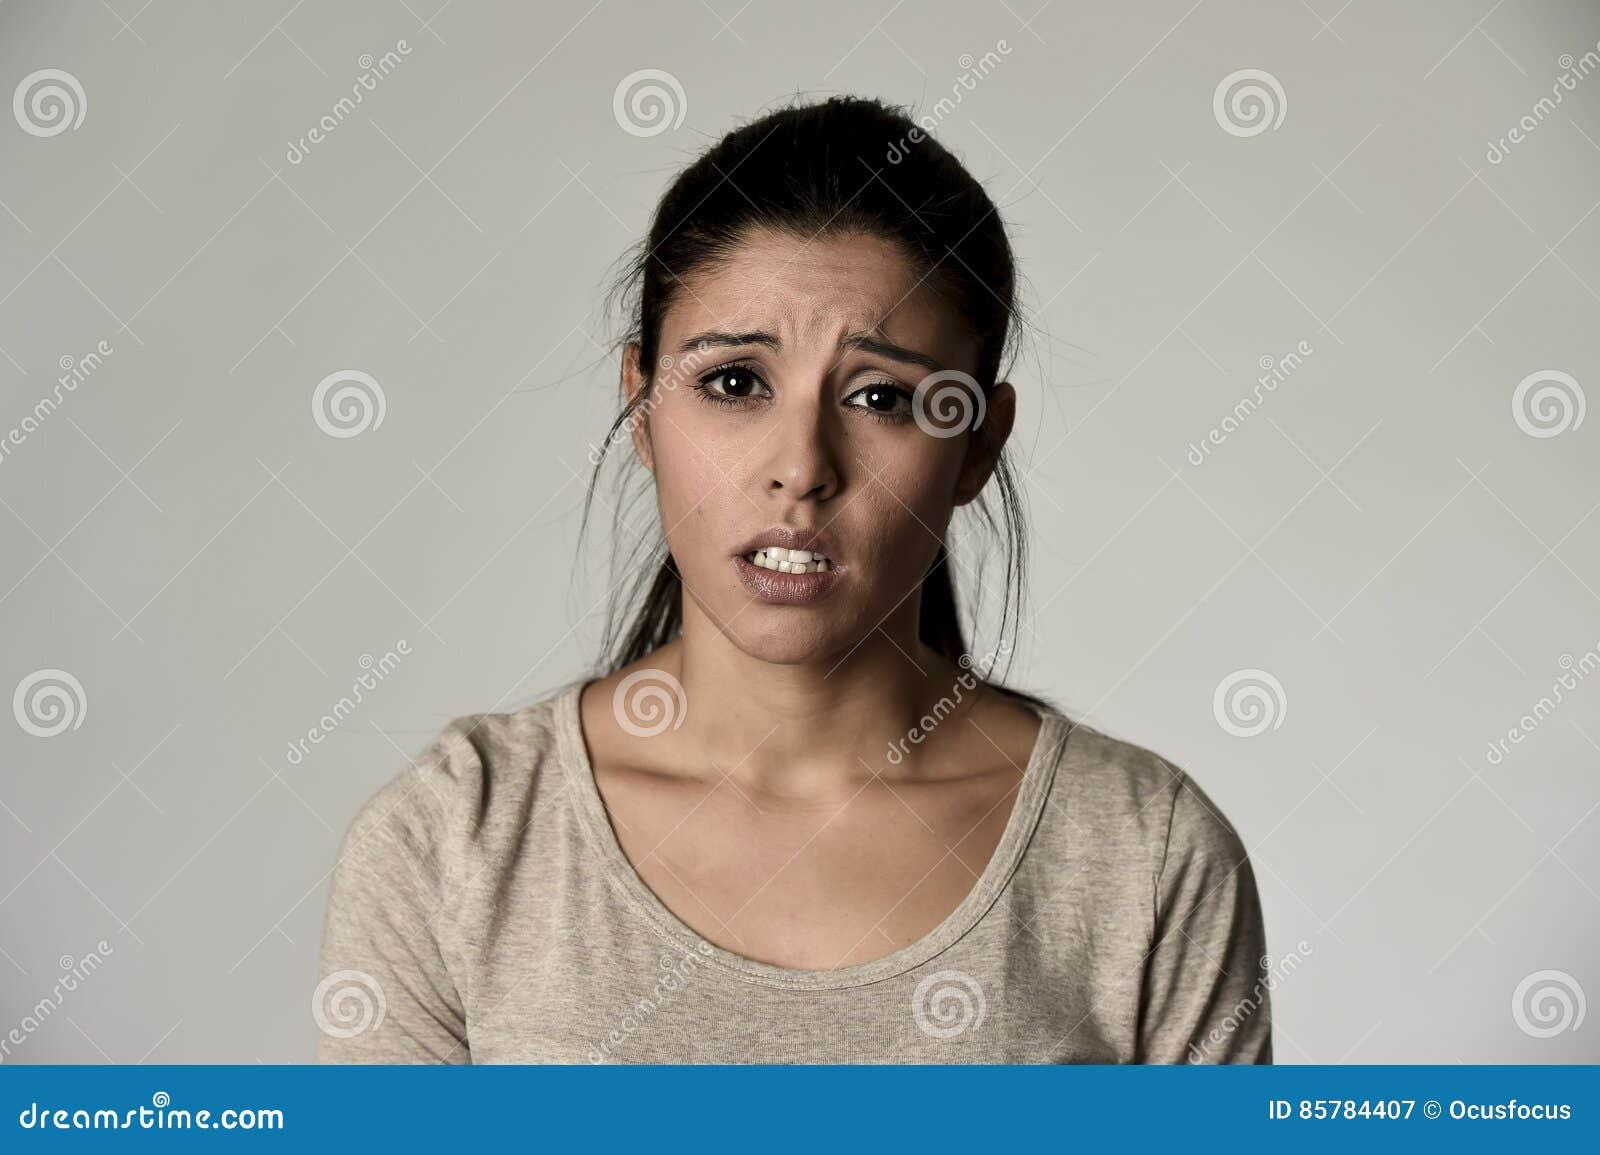 Mujer triste hispánica hermosa joven seria y en cuestión en la expresión facial deprimida preocupante